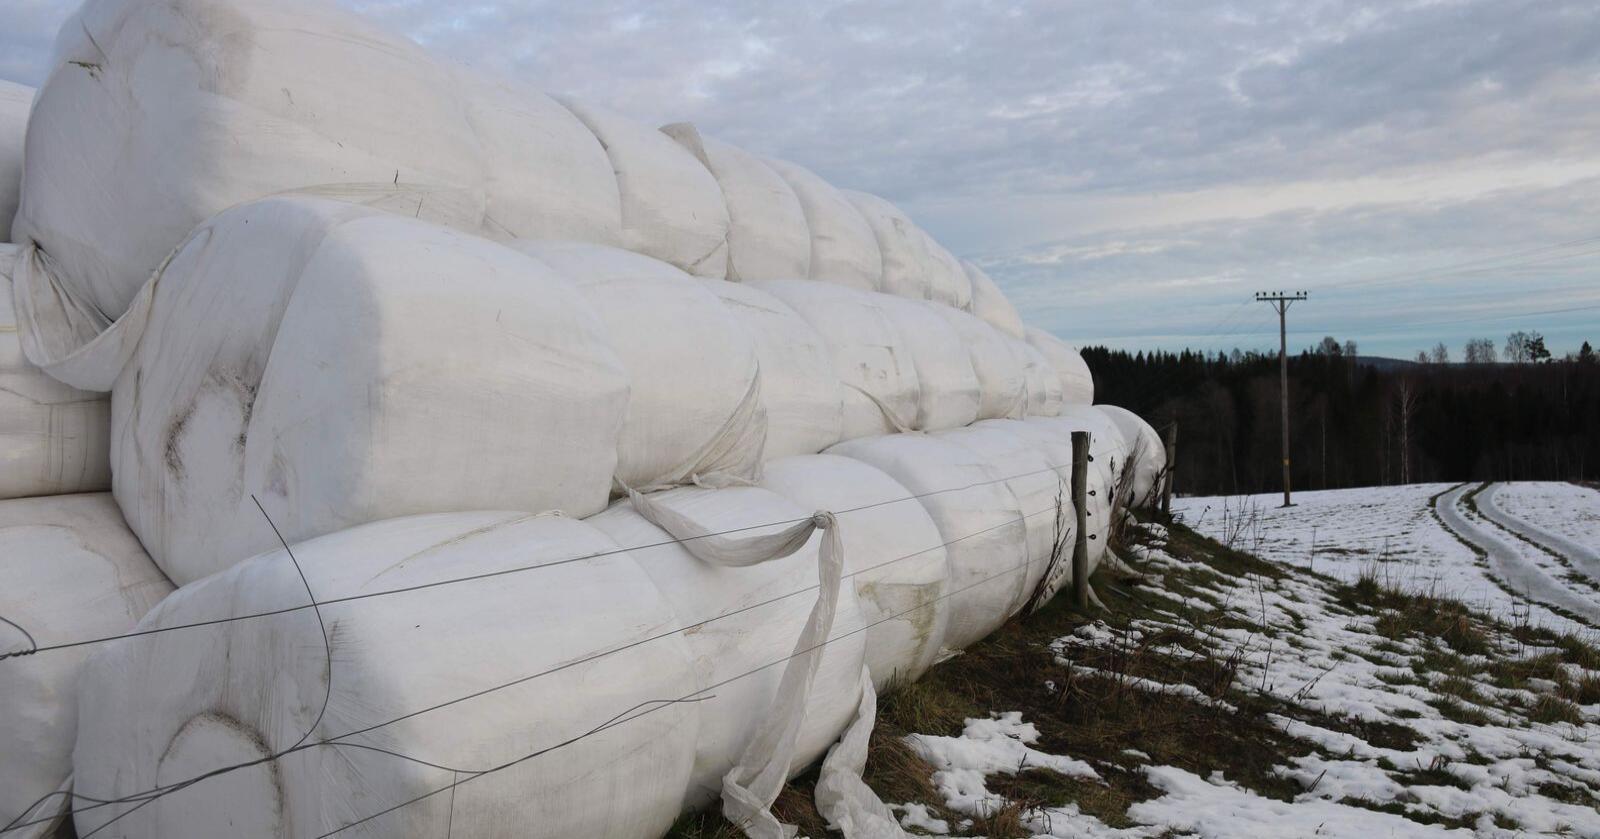 Etter tørkesommeren 2018 ble det importert drøyt 10.000 tonn med gras fra land i Øst Europa der det er påvist afrikansk svinepest. Foto: Dag Idar Jøsang